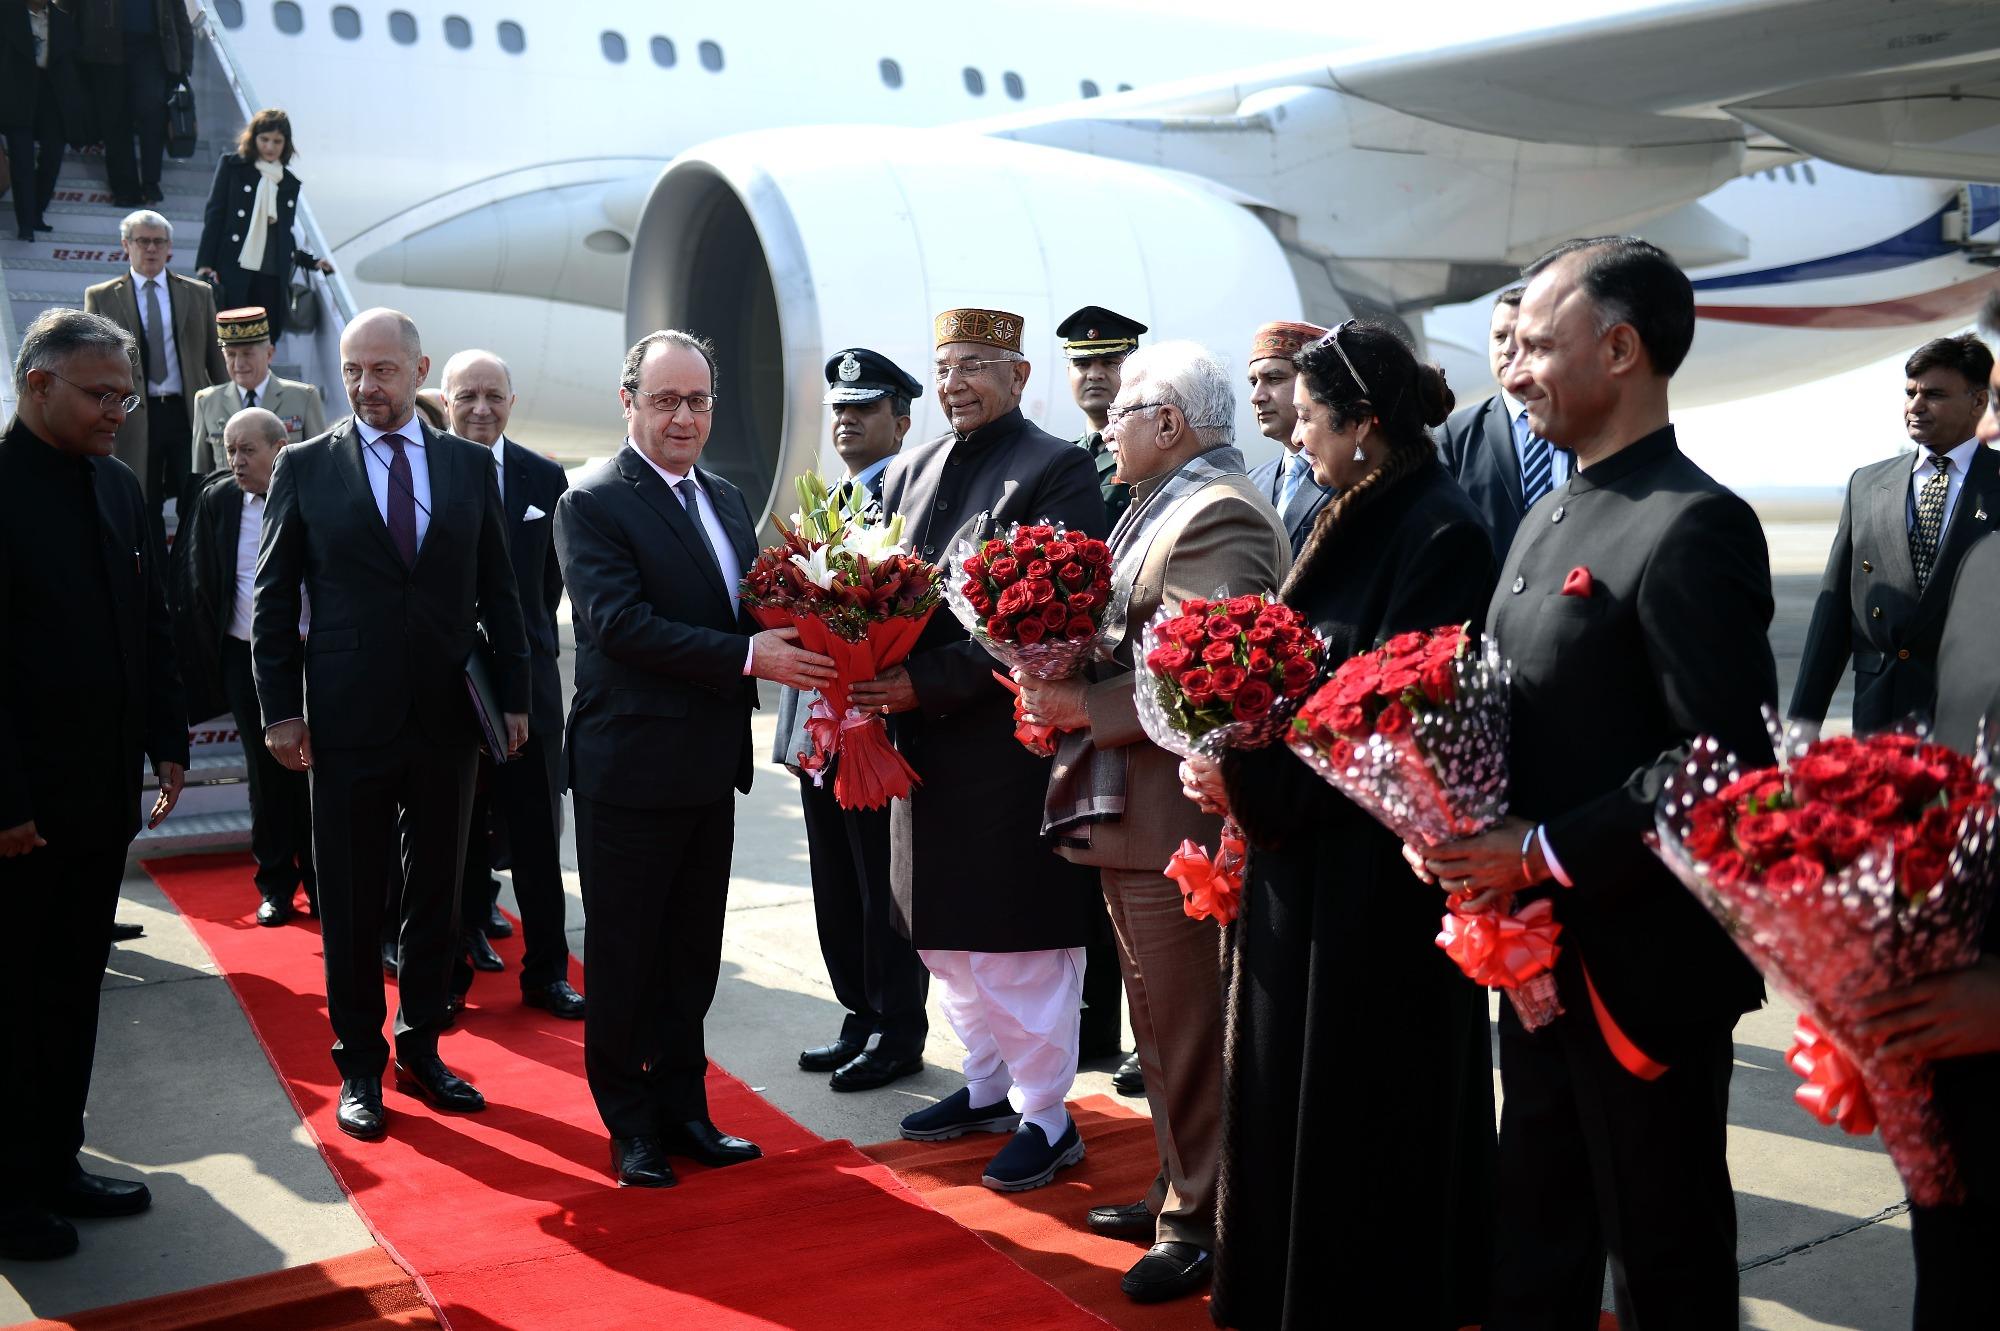 الرئيس الفرنسي في الهند في زيارة تستمر 3 ايام